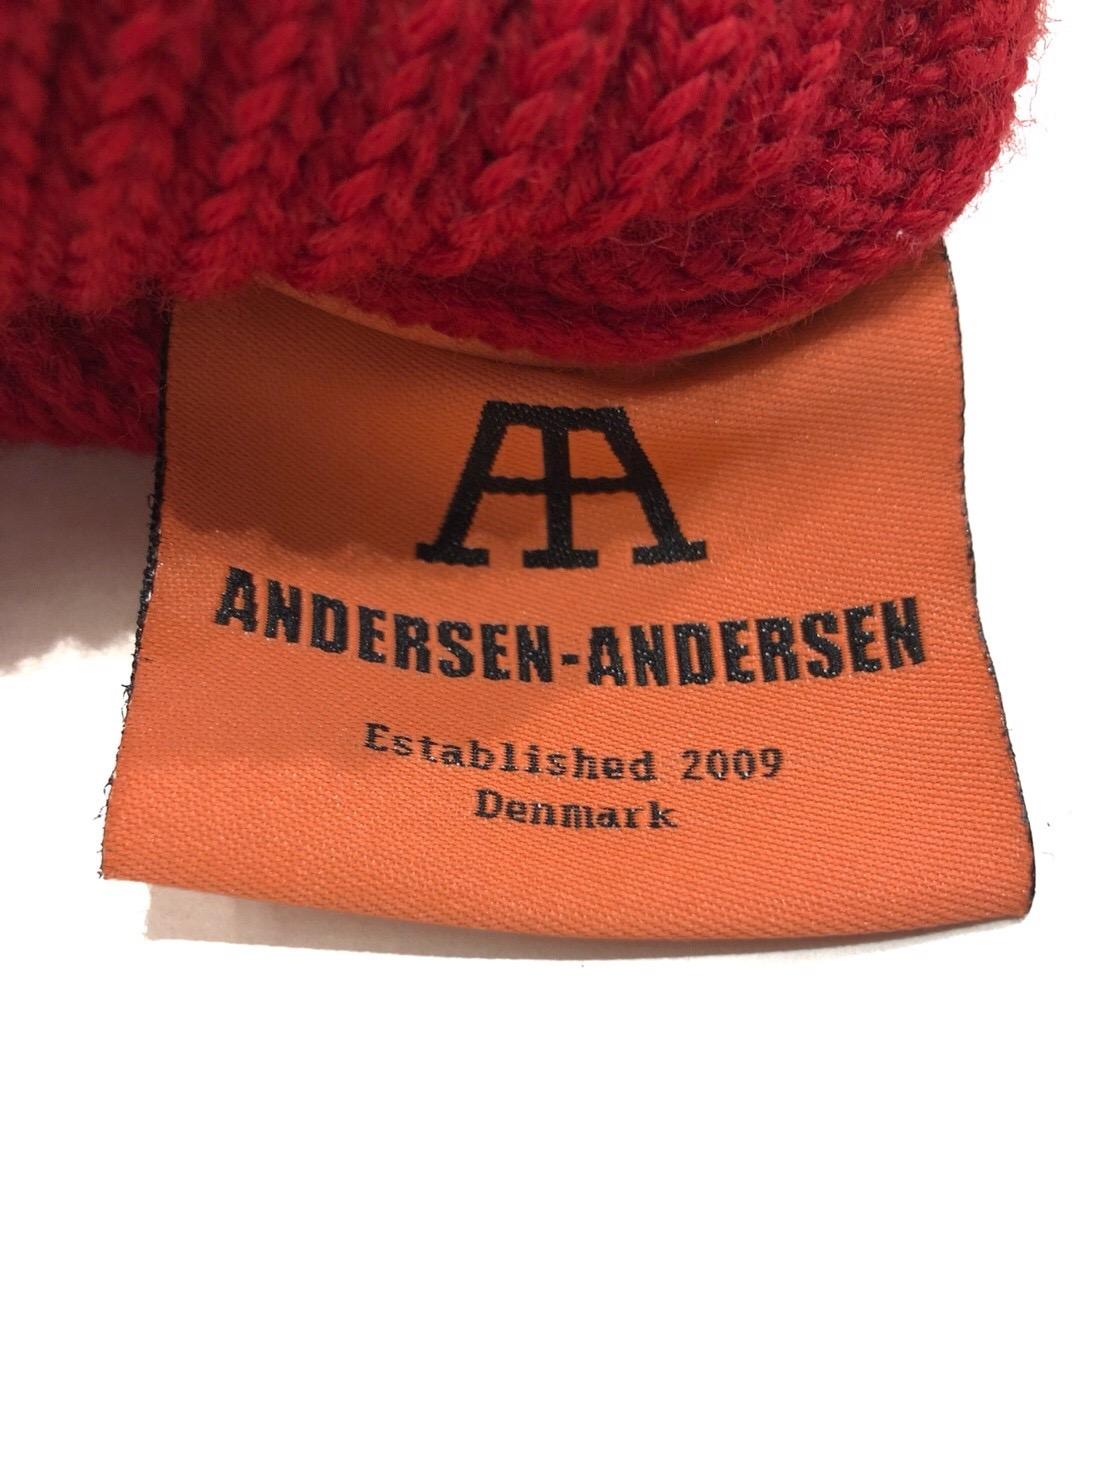 Andersen Andersen